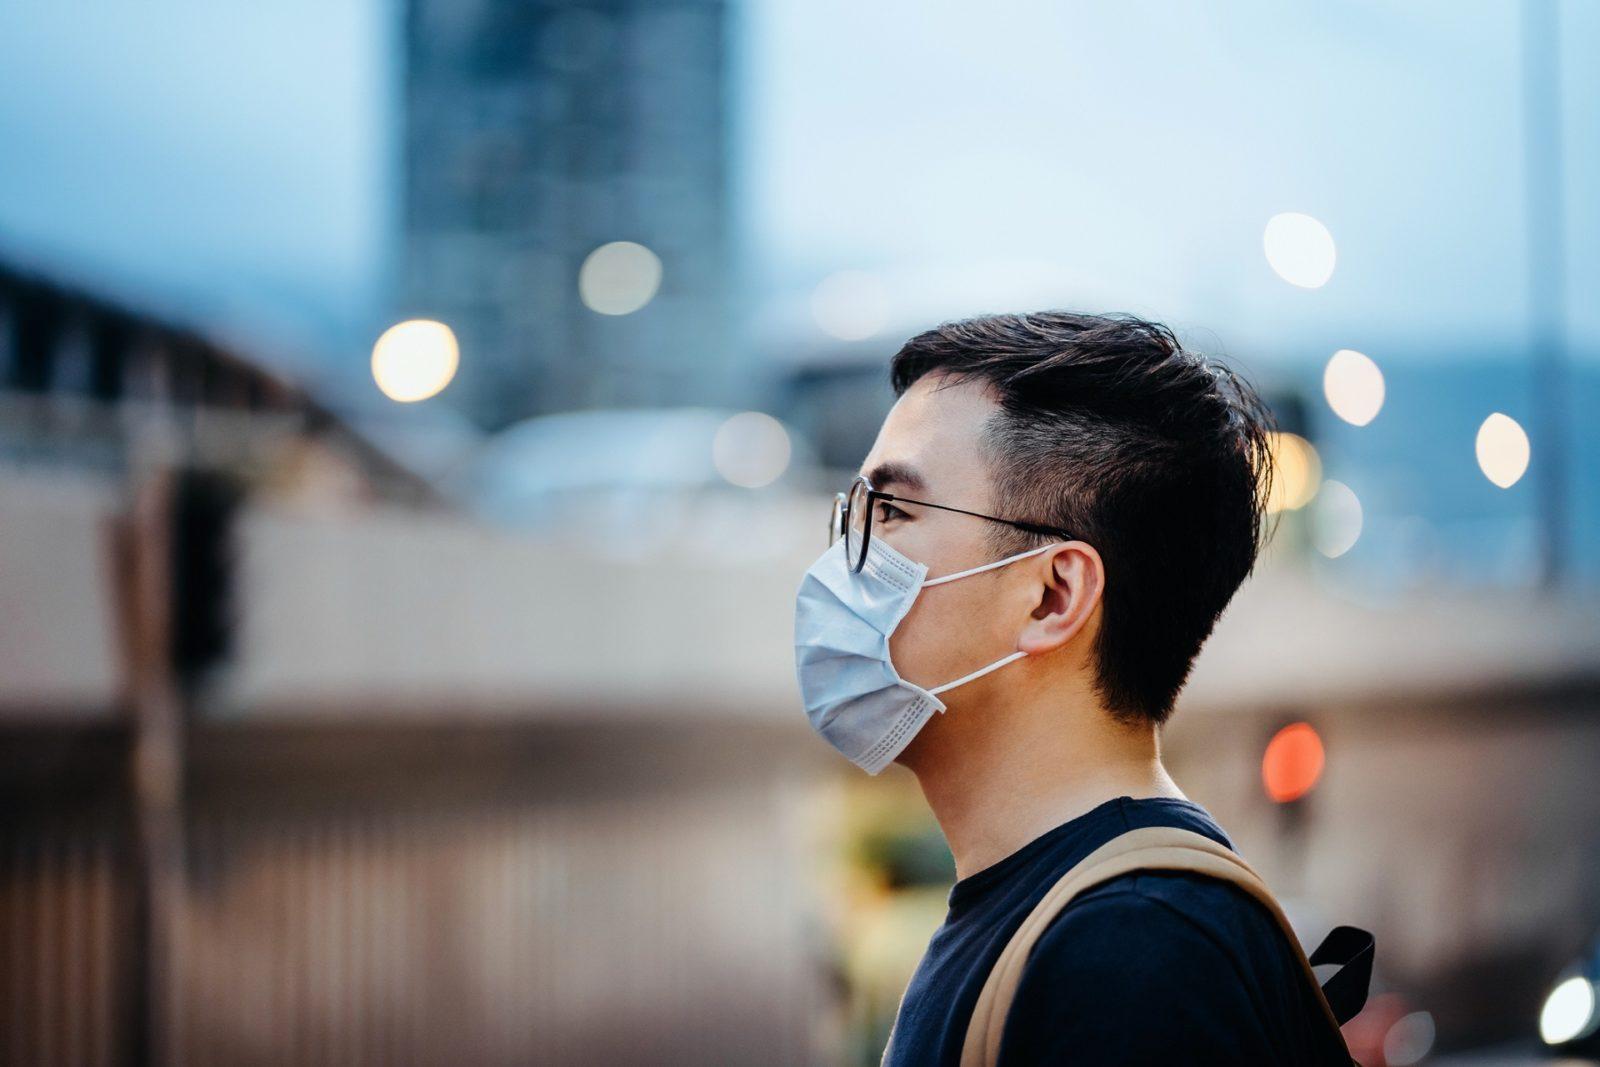 ¿Cómo reutilizar de forma segura los distintos tipos de mascarillas y tapabocas?